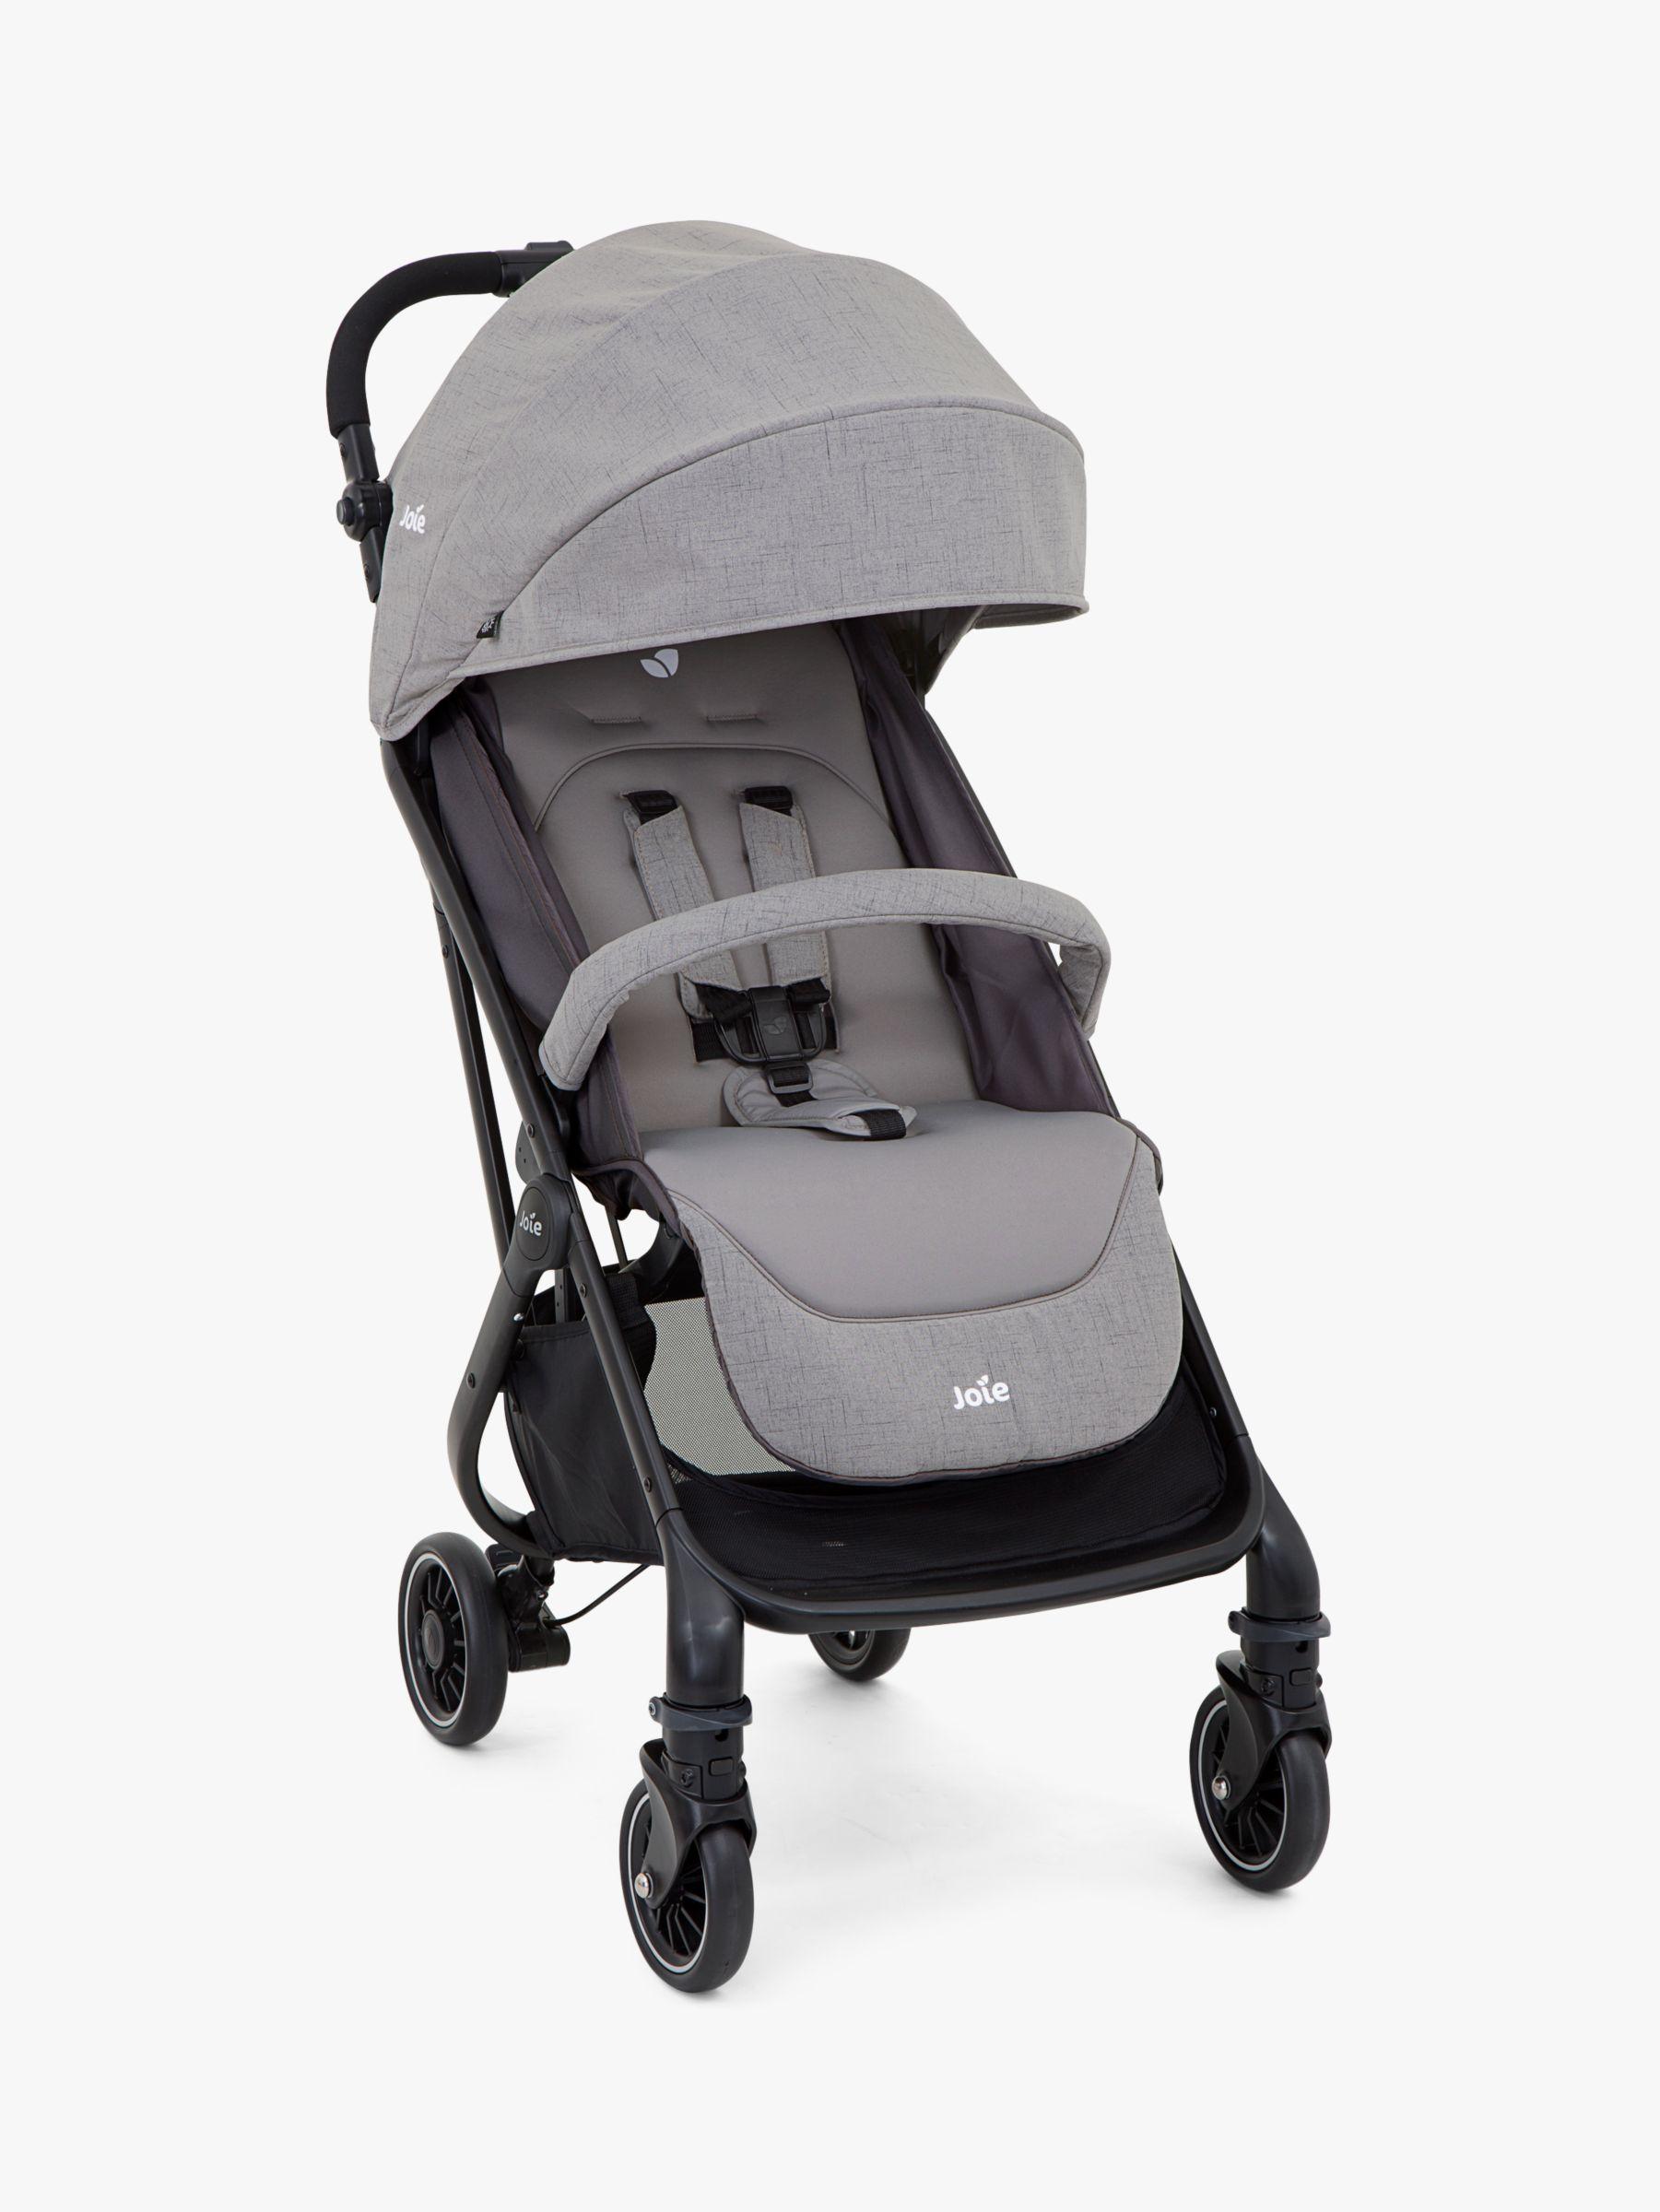 Joie Baby Joie Baby Tourist Stroller, Grey Flannel